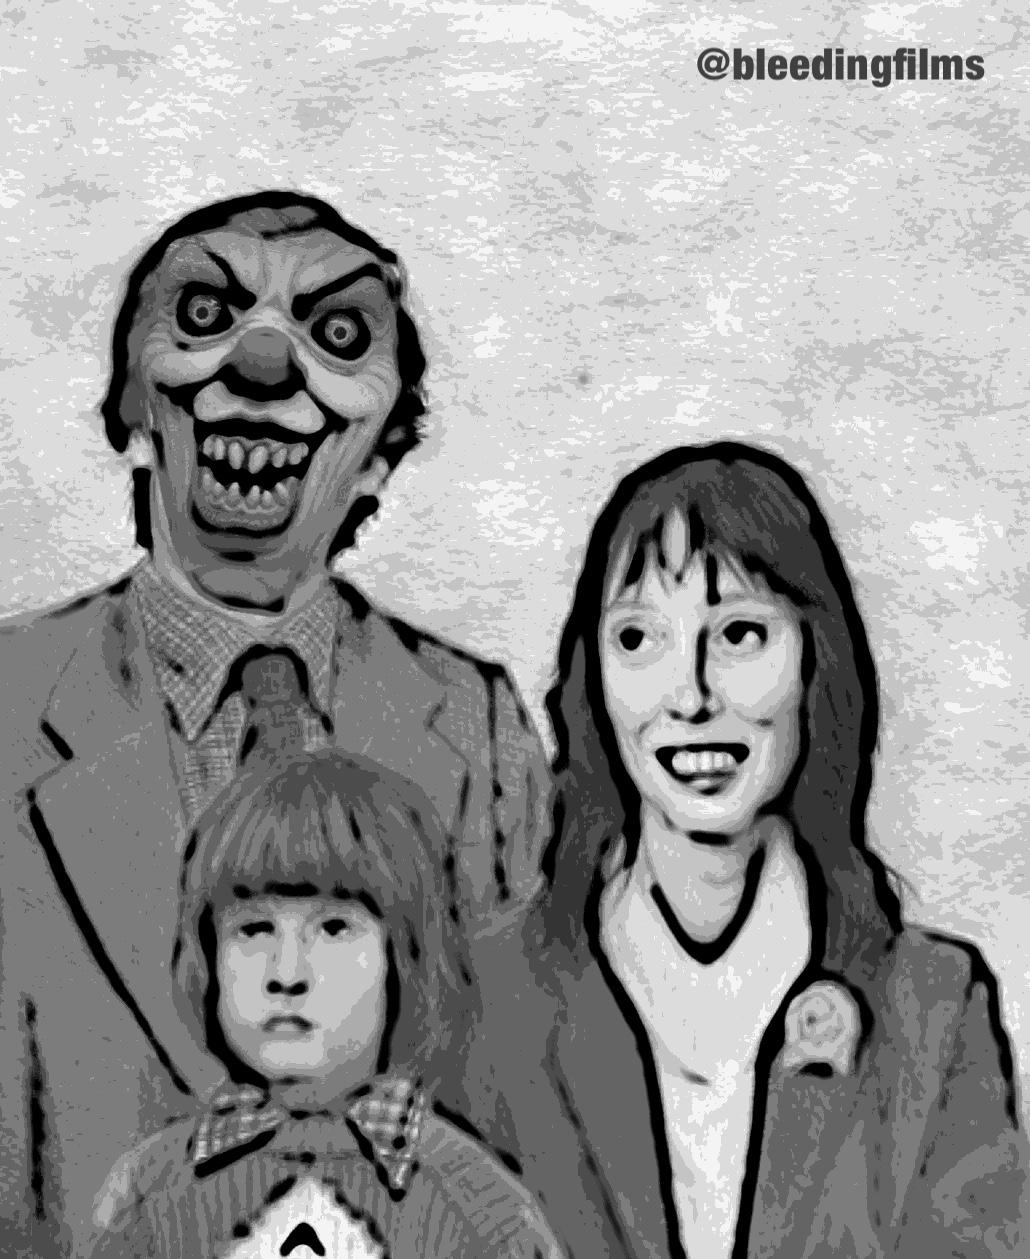 Bleeding family